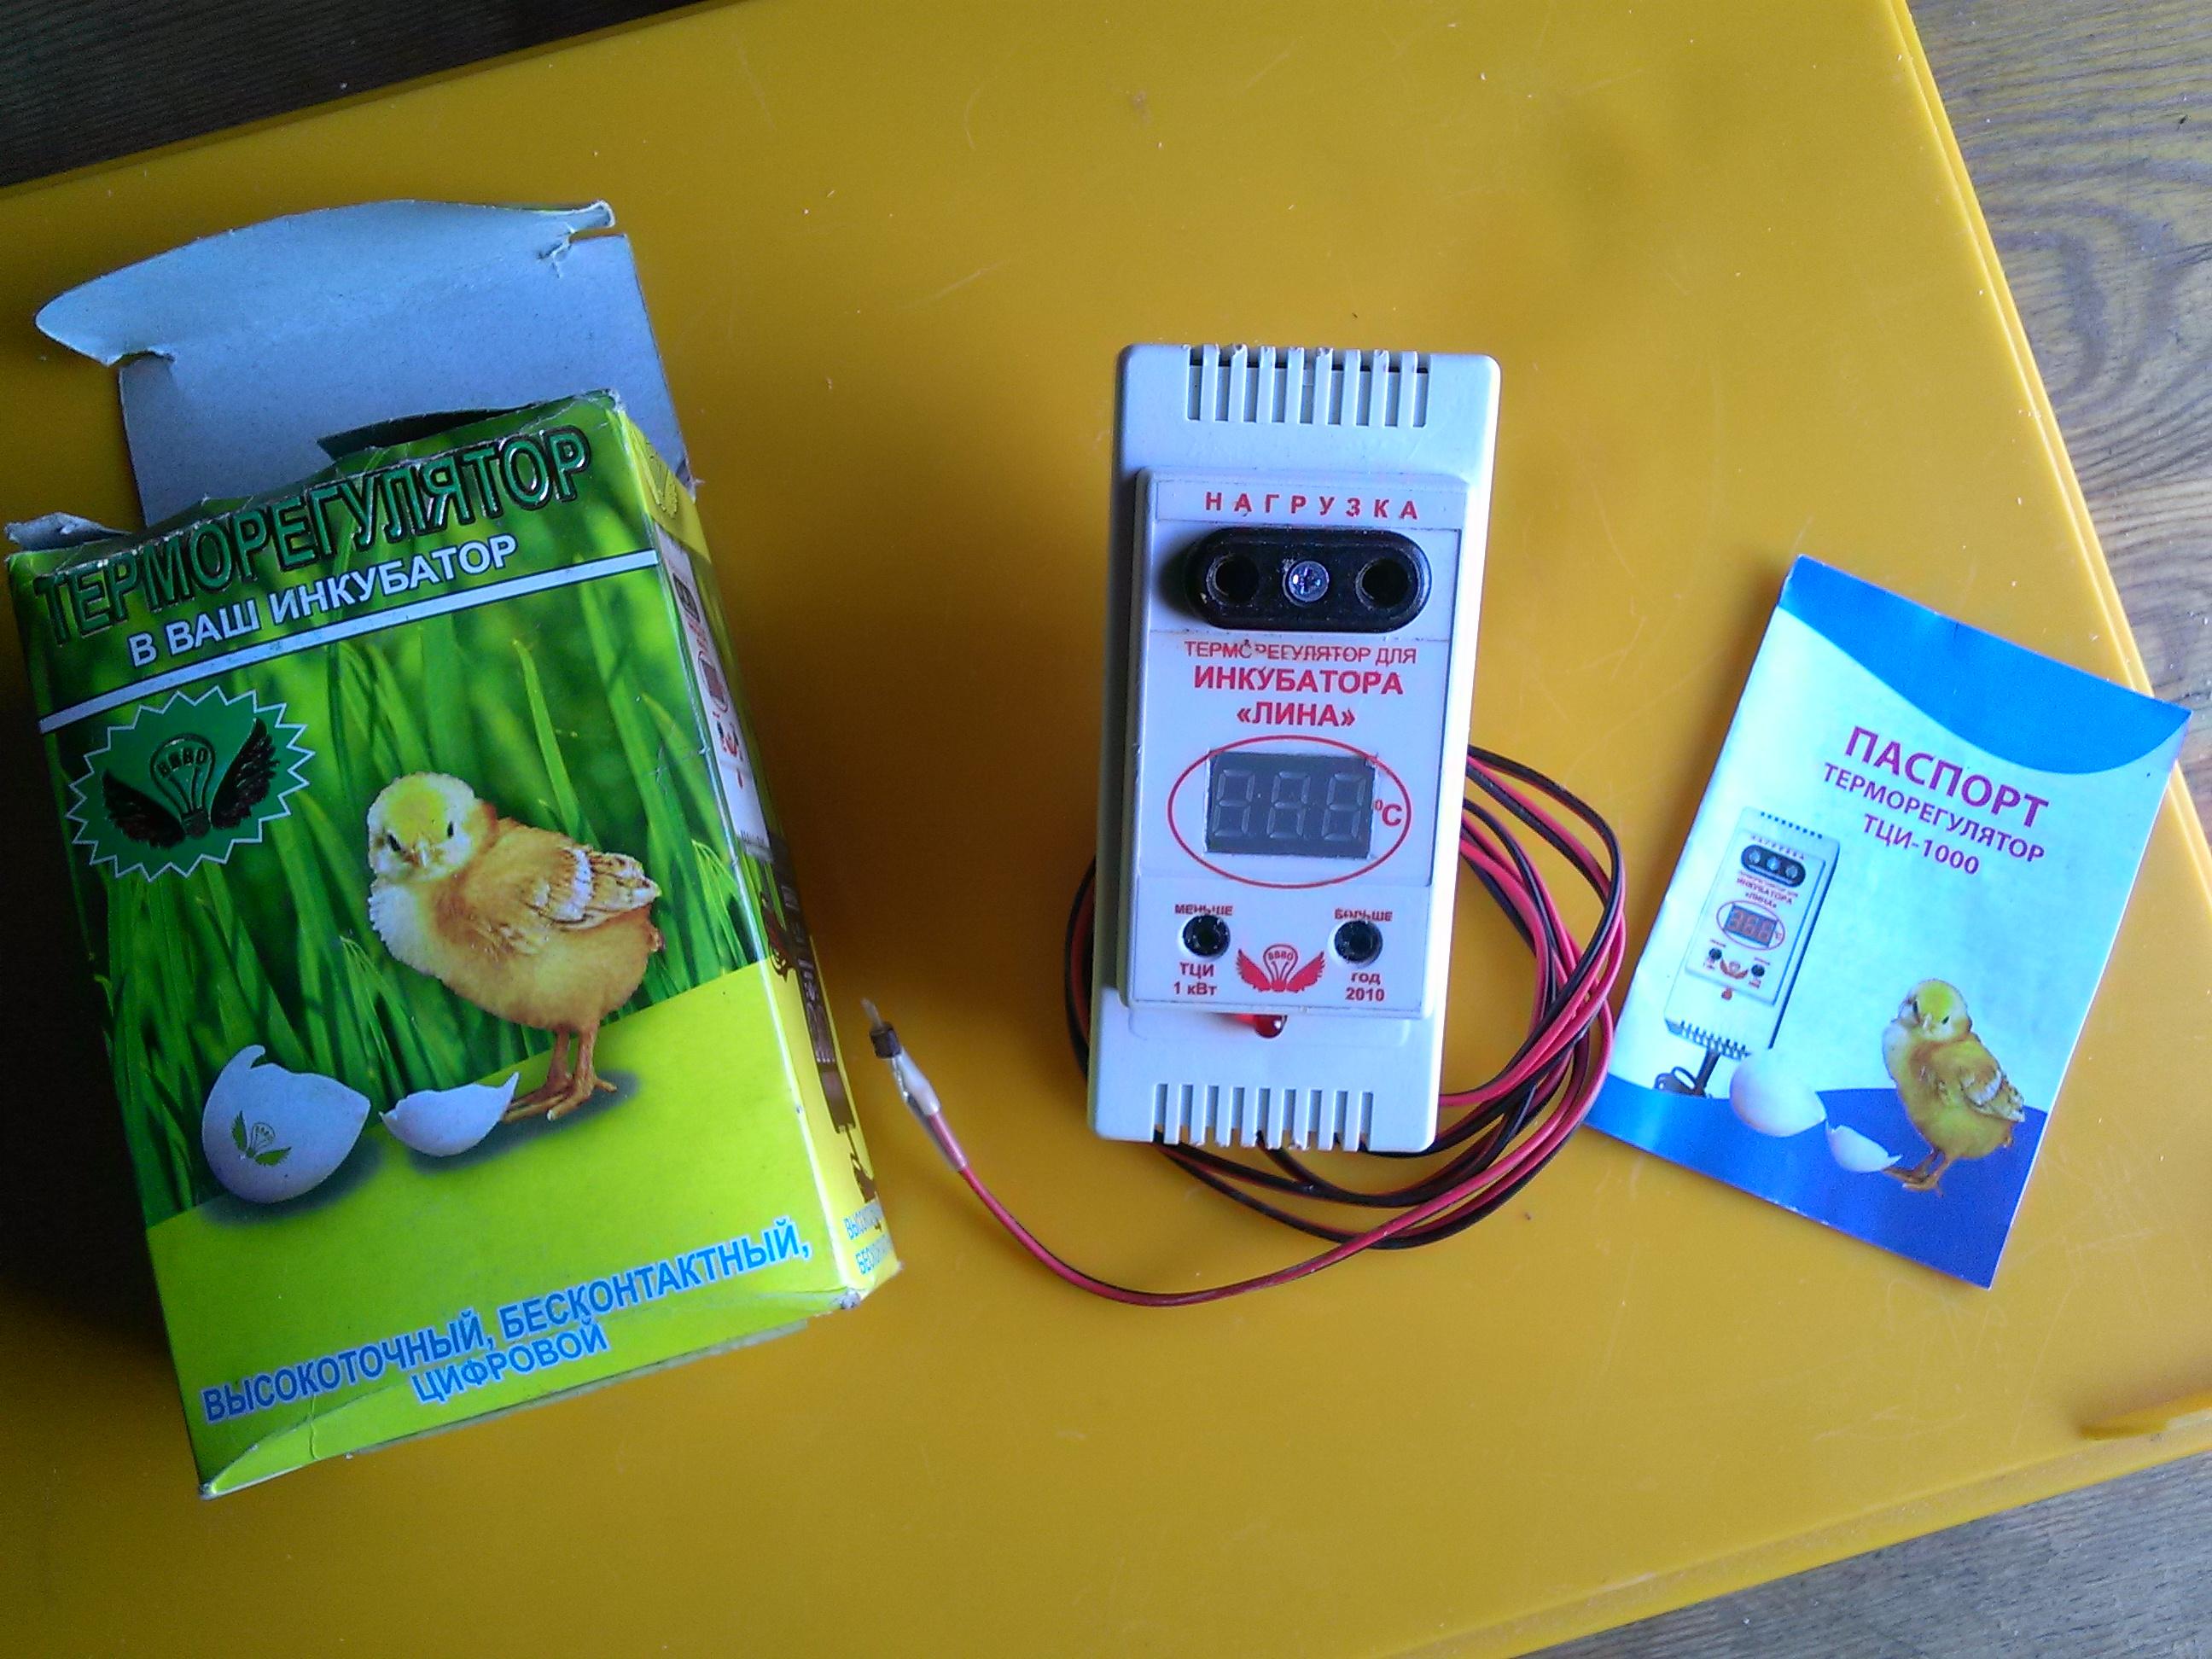 схема терморегулятор для инкубатора на логике